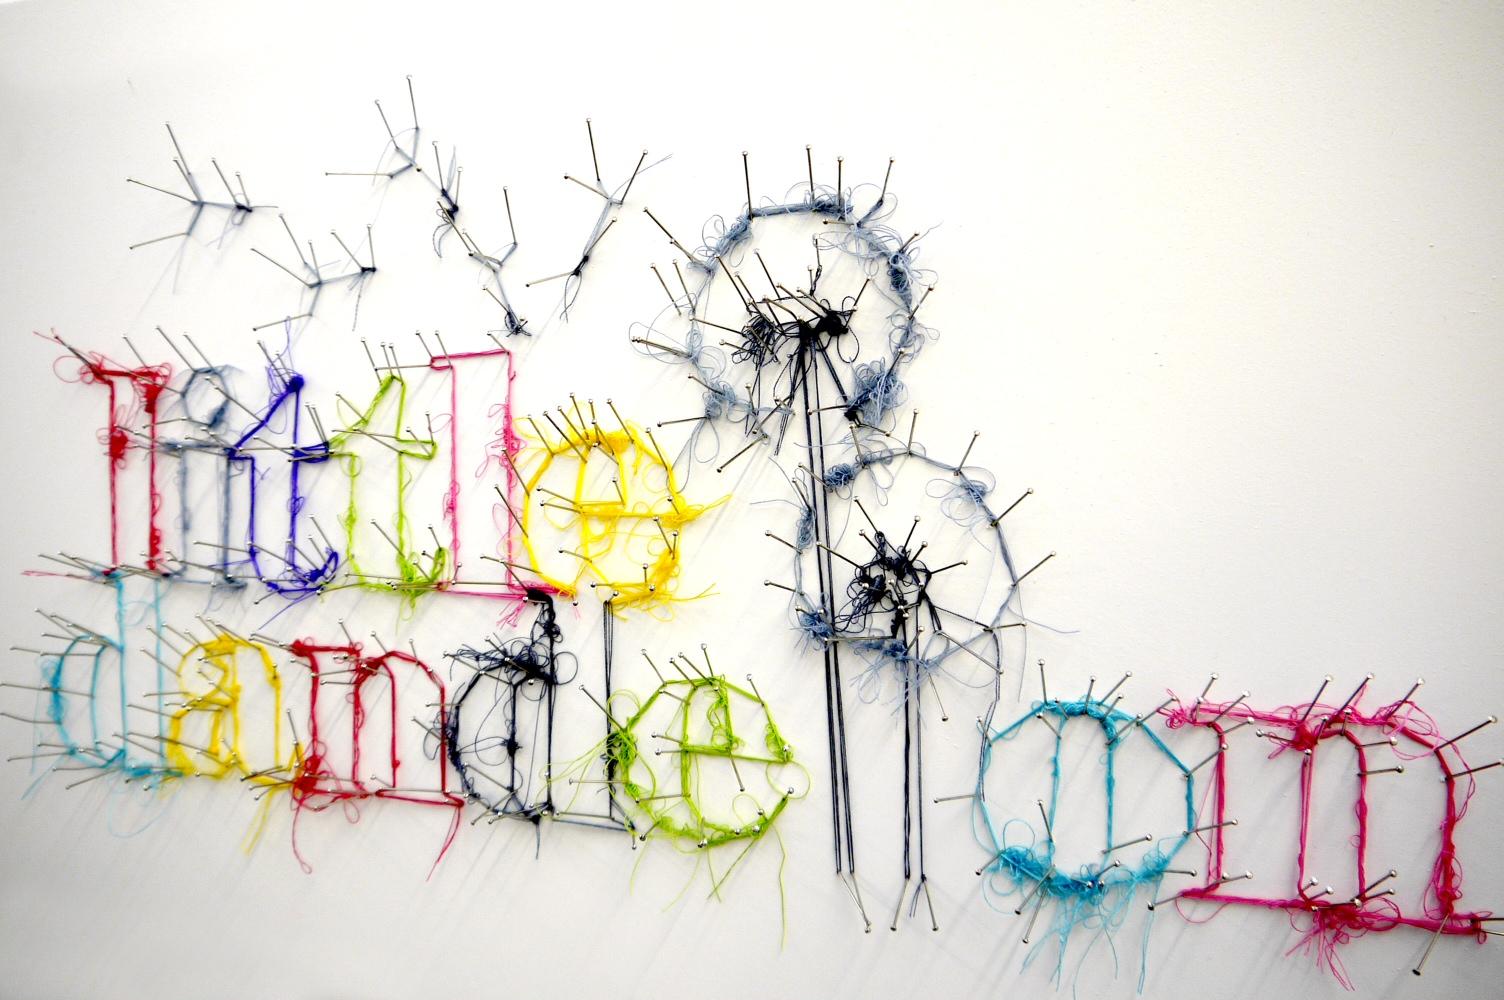 Pin artwork by Debbie Smyth